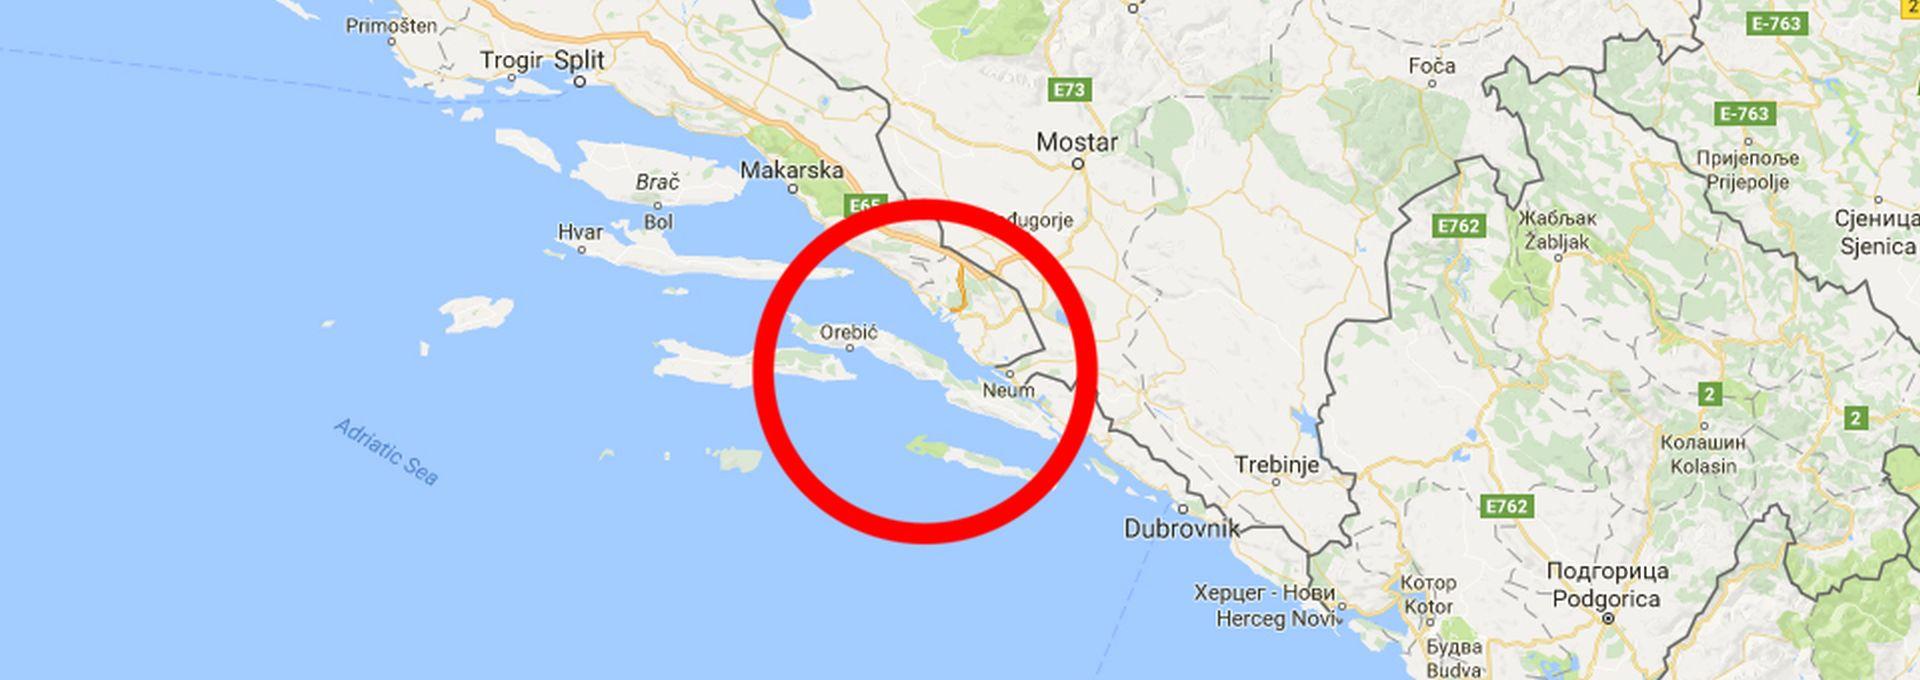 NEMIRNA OBALA Umjereni potres na Pelješcu